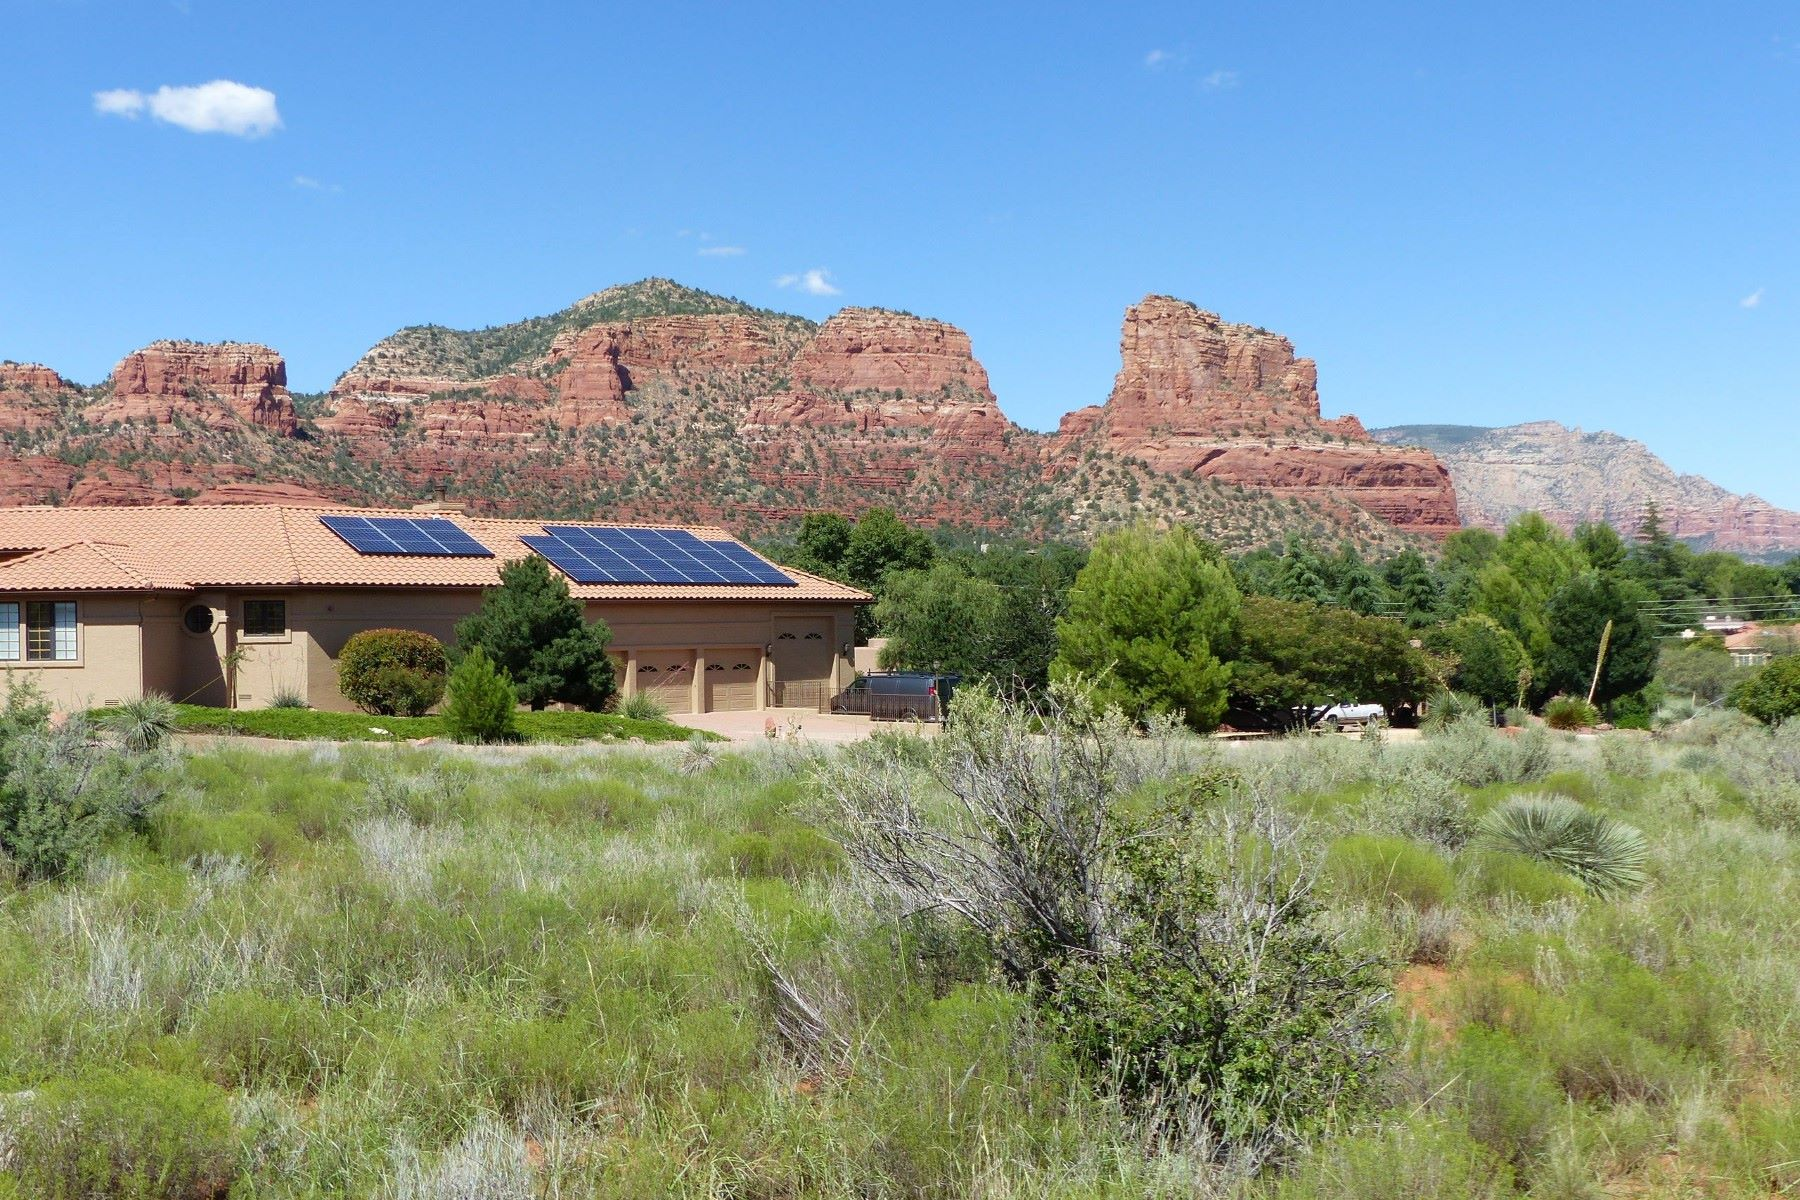 Земля для того Продажа на Rare 1-Acre lot with stunning panoramic Red Rock Views 55 Ravens Rock Rd Sedona, Аризона, 86351 Соединенные Штаты